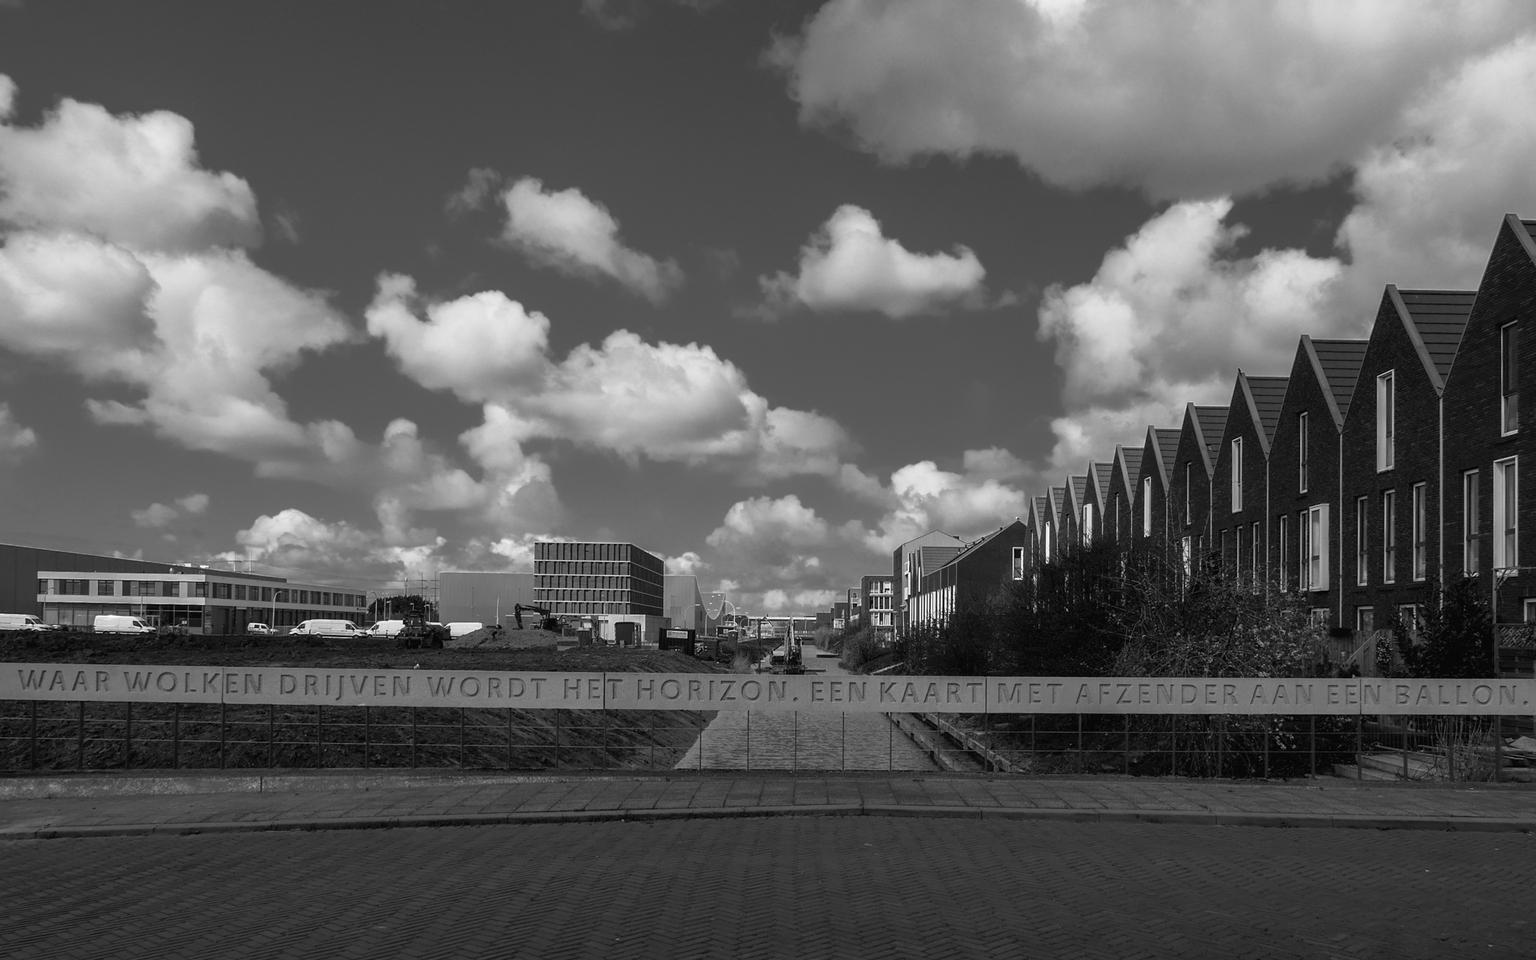 Waar wolken drijven... - Veel bruggen in Den Hoorn zijn voorzien van een tekst.  Bedankt voor de fijne reacties bij 'gehakkelde aurelia' en 'wat waren de luchten mooi'. - foto door convust op 14-04-2021 - locatie: 2635 Den Hoorn, Nederland - deze foto bevat: lucht, wolken, woonwijk, brug, nieuwbouw, wolk, lucht, gebouw, zwart en wit, grijs, stijl, cumulus, stad, torenblok, weg oppervlak